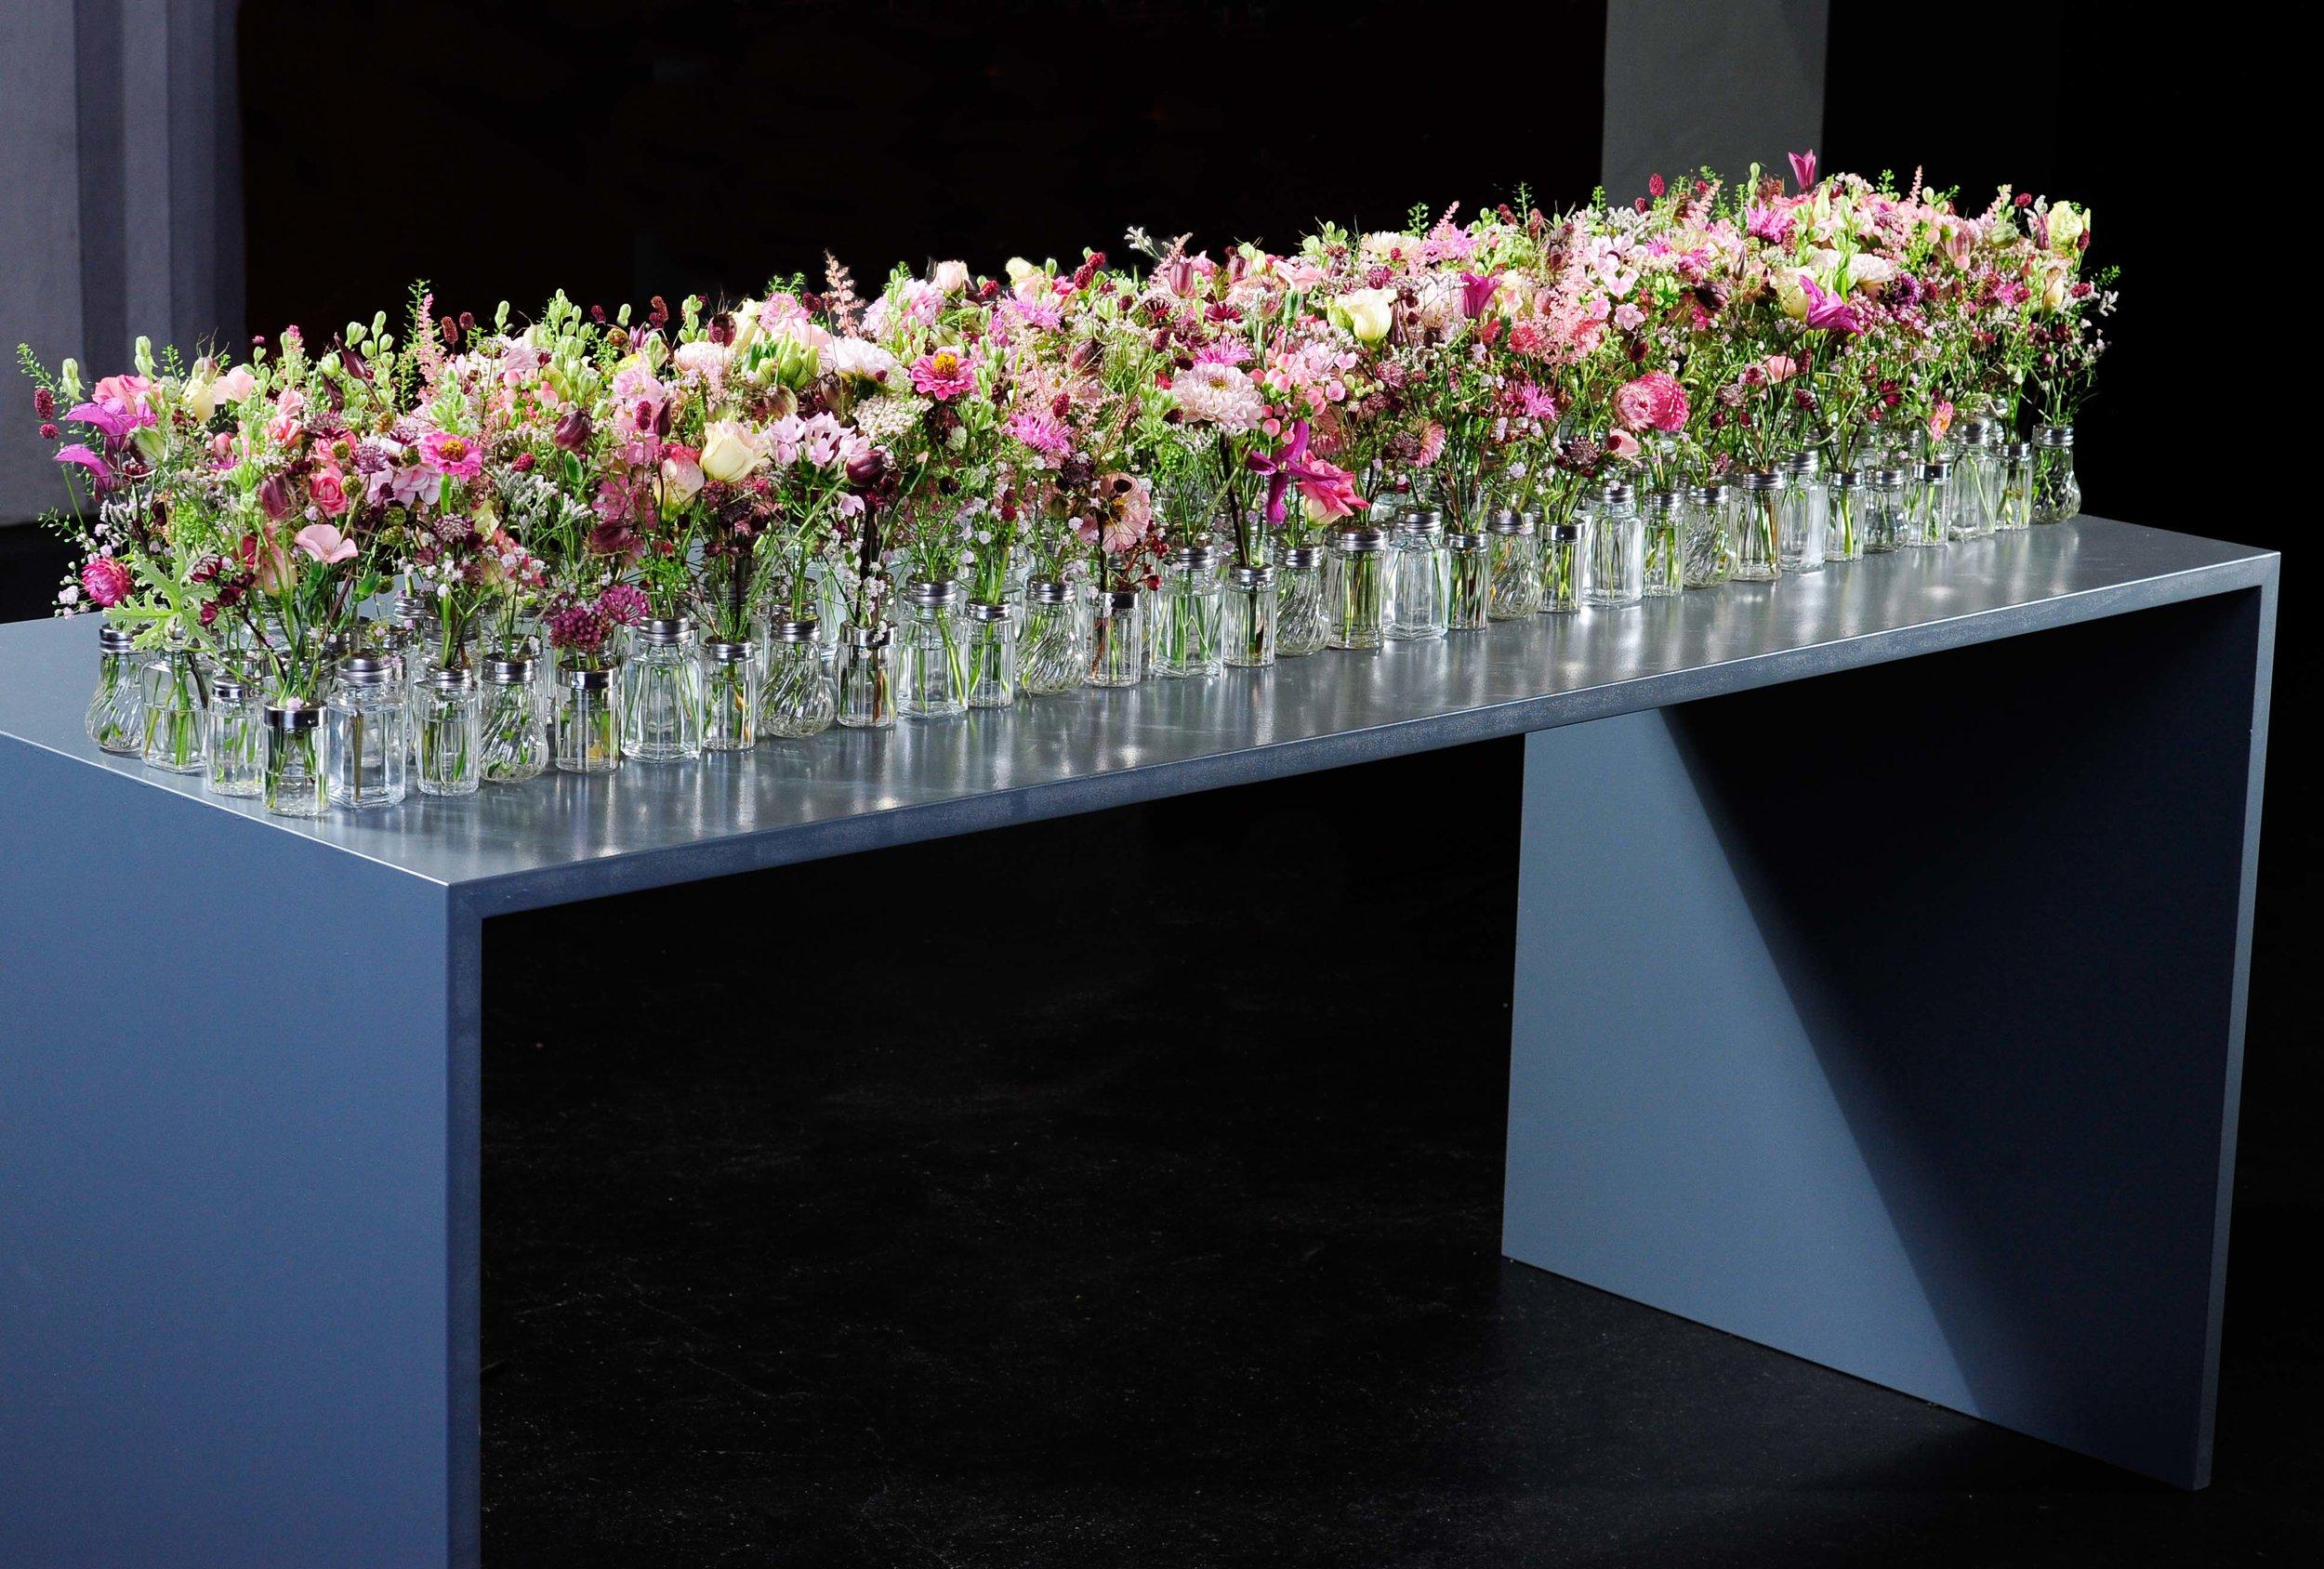 Das Ganze ist mehr als die Summe von Einzelteilen. Diese Erkenntnis liess Bettina Kaufmann floristisch gestalterische Wirklichkeit werden.